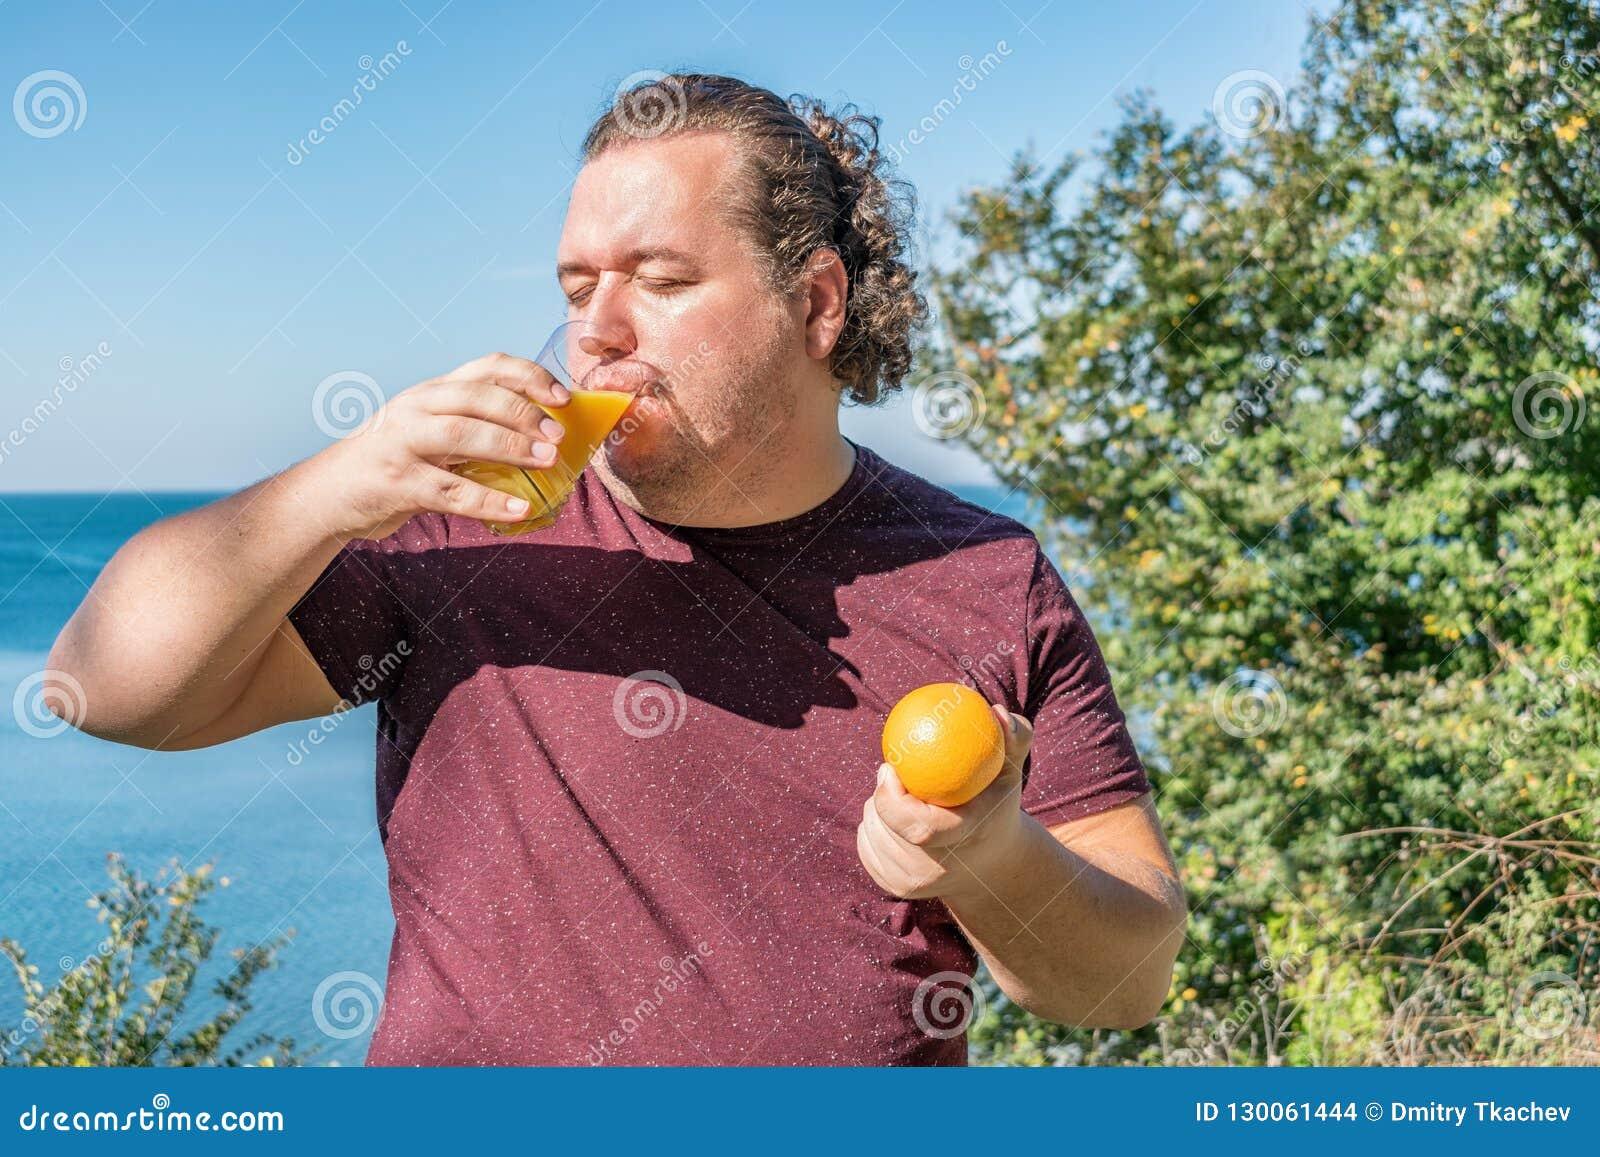 Lustiger dicker Mann auf den trinkenden Saft- und Früchten des Ozeans essen Ferien, Gewichtsverlust und gesunde Ernährung